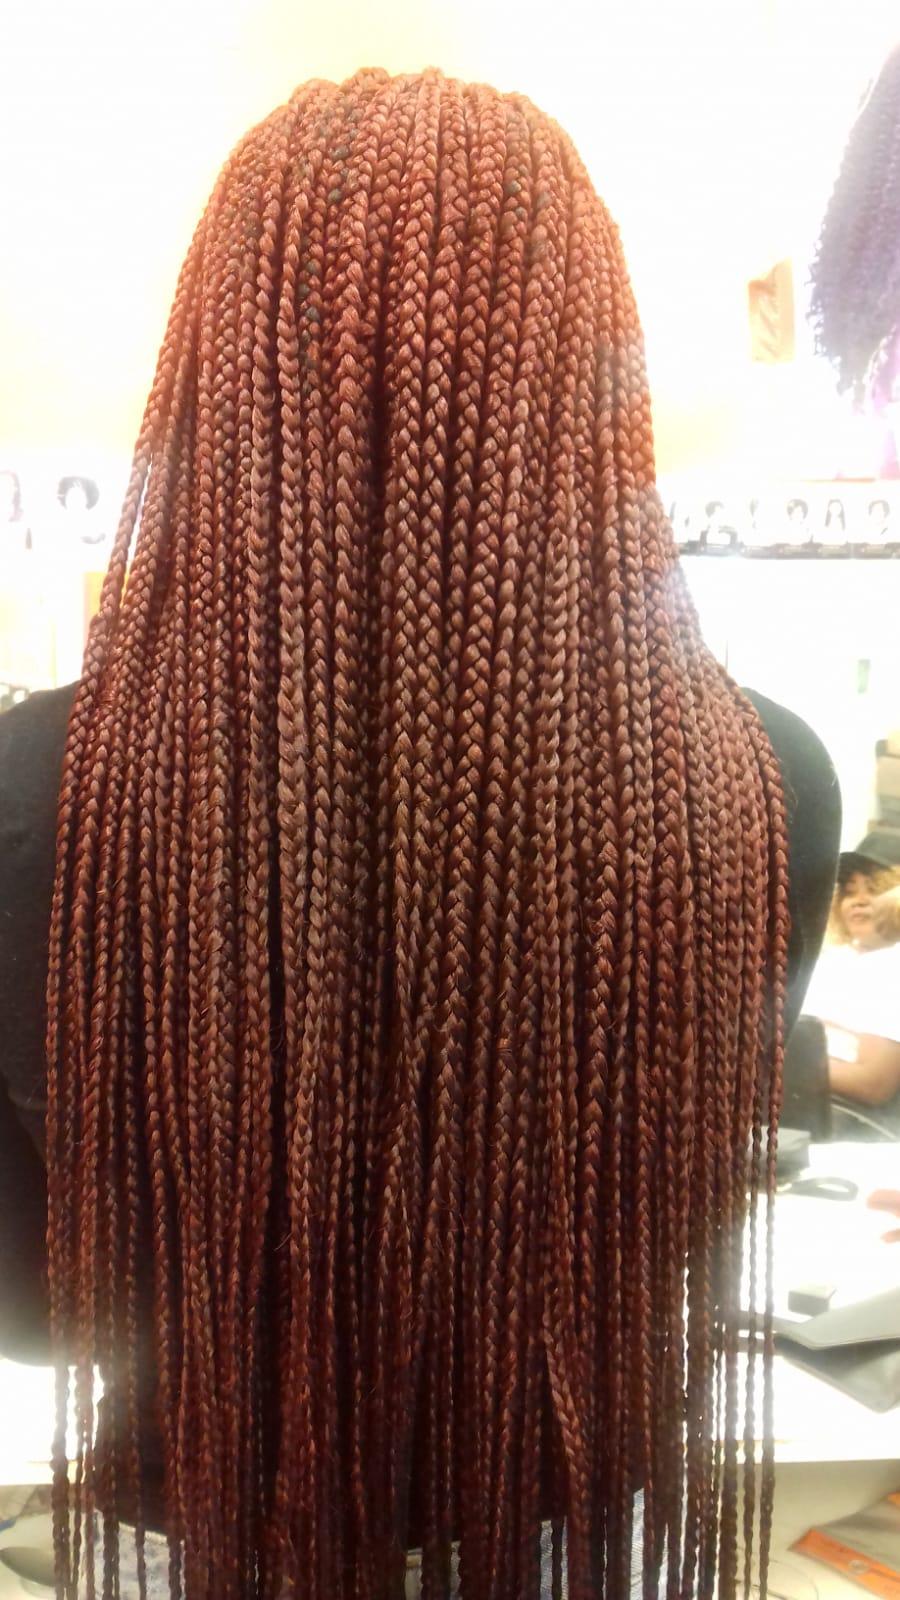 salon de coiffure afro tresse tresses box braids crochet braids vanilles tissages paris 75 77 78 91 92 93 94 95 XHMSIFGK